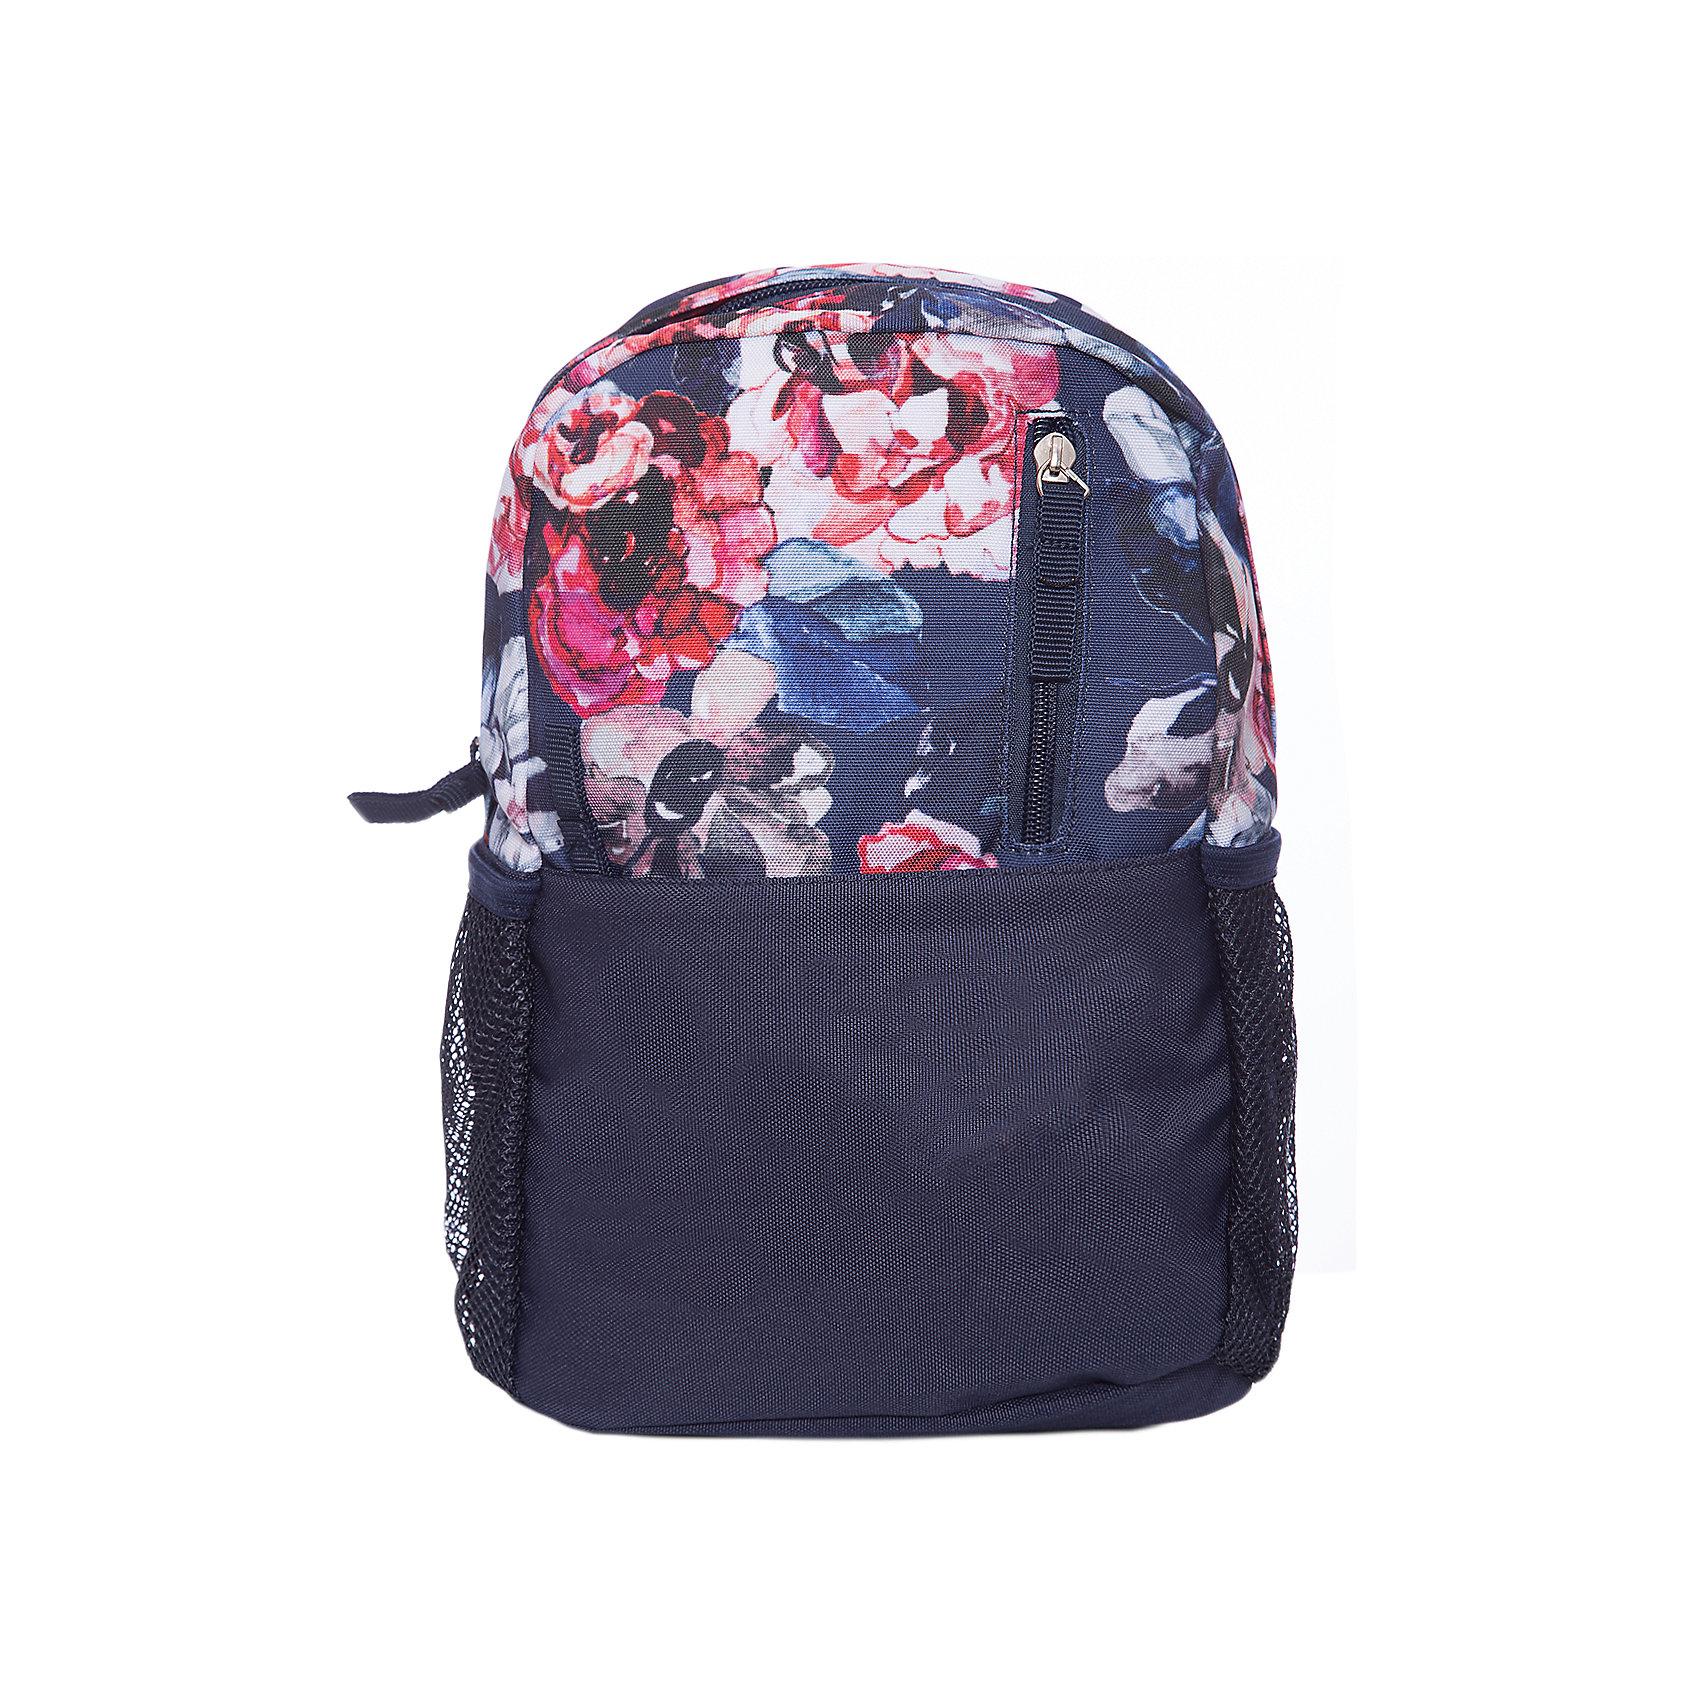 Рюкзак PlayToday для девочкиРюкзаки<br>Рюкзак PlayToday для девочки<br>В этом рюкзаке поместятся все необходимые принадлежности. Наличие эргономичной спинки и уплотненных анатомических лямок делают рюкзак удобным для ребенка. Выполнен из прочного безопасного материала.<br>Состав:<br>Верх: 100% полиэстер, подкладка: 100% полиэстер<br><br>Ширина мм: 227<br>Глубина мм: 11<br>Высота мм: 226<br>Вес г: 350<br>Цвет: белый<br>Возраст от месяцев: 36<br>Возраст до месяцев: 96<br>Пол: Женский<br>Возраст: Детский<br>Размер: one size<br>SKU: 7106246